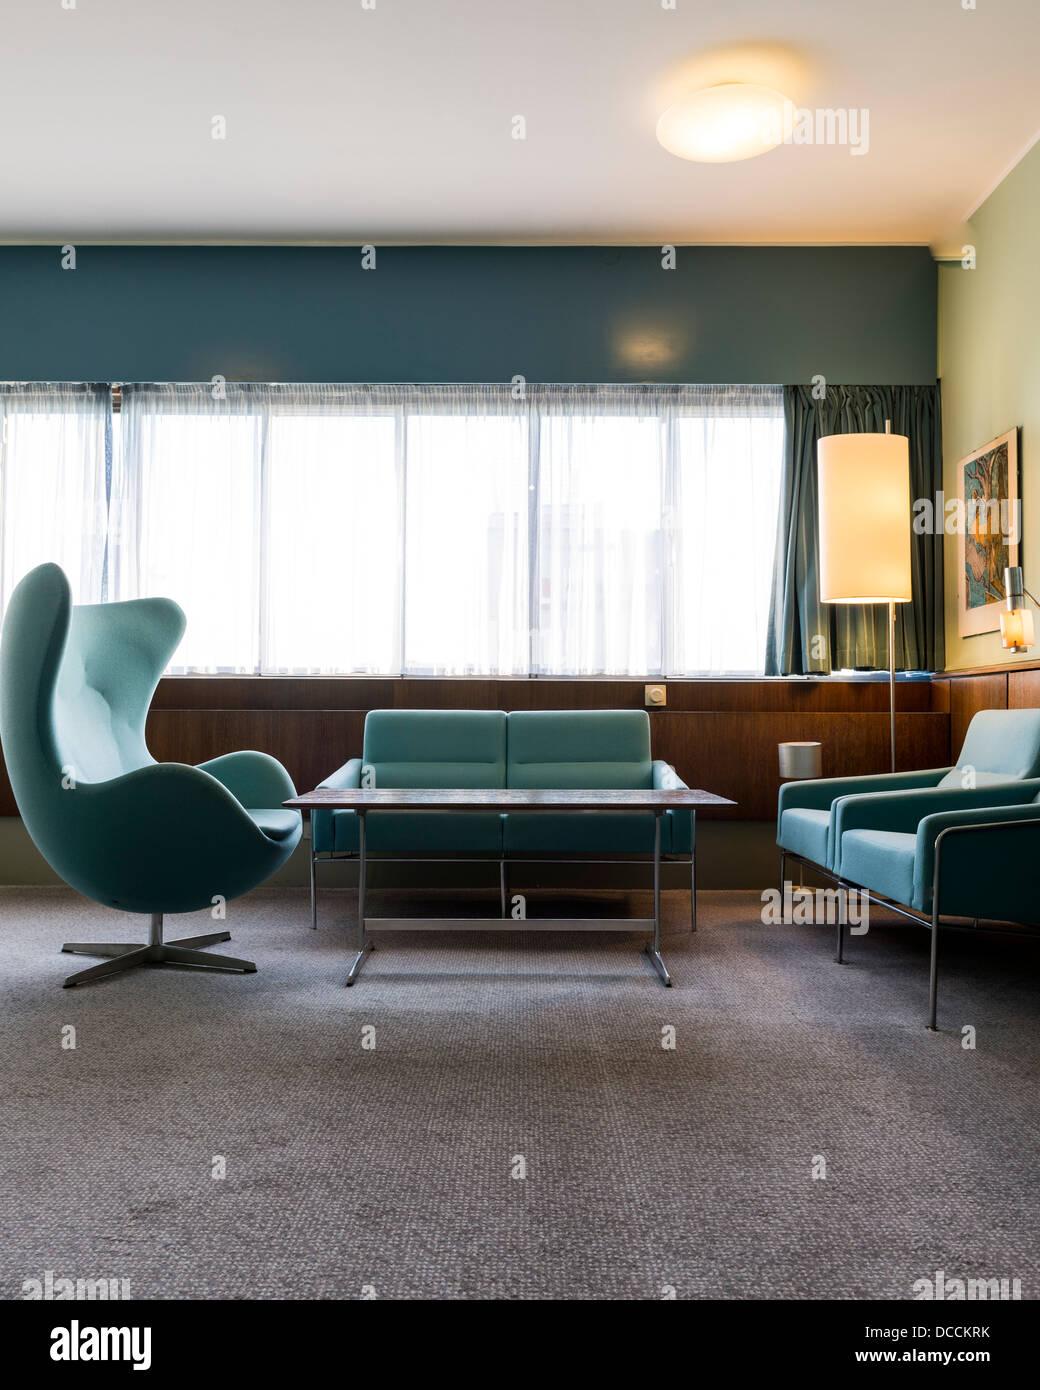 SAS Royal Hotel, Copenhagen, Denmark. Architect: Arne Jacobsen, 1960. Stock Photo